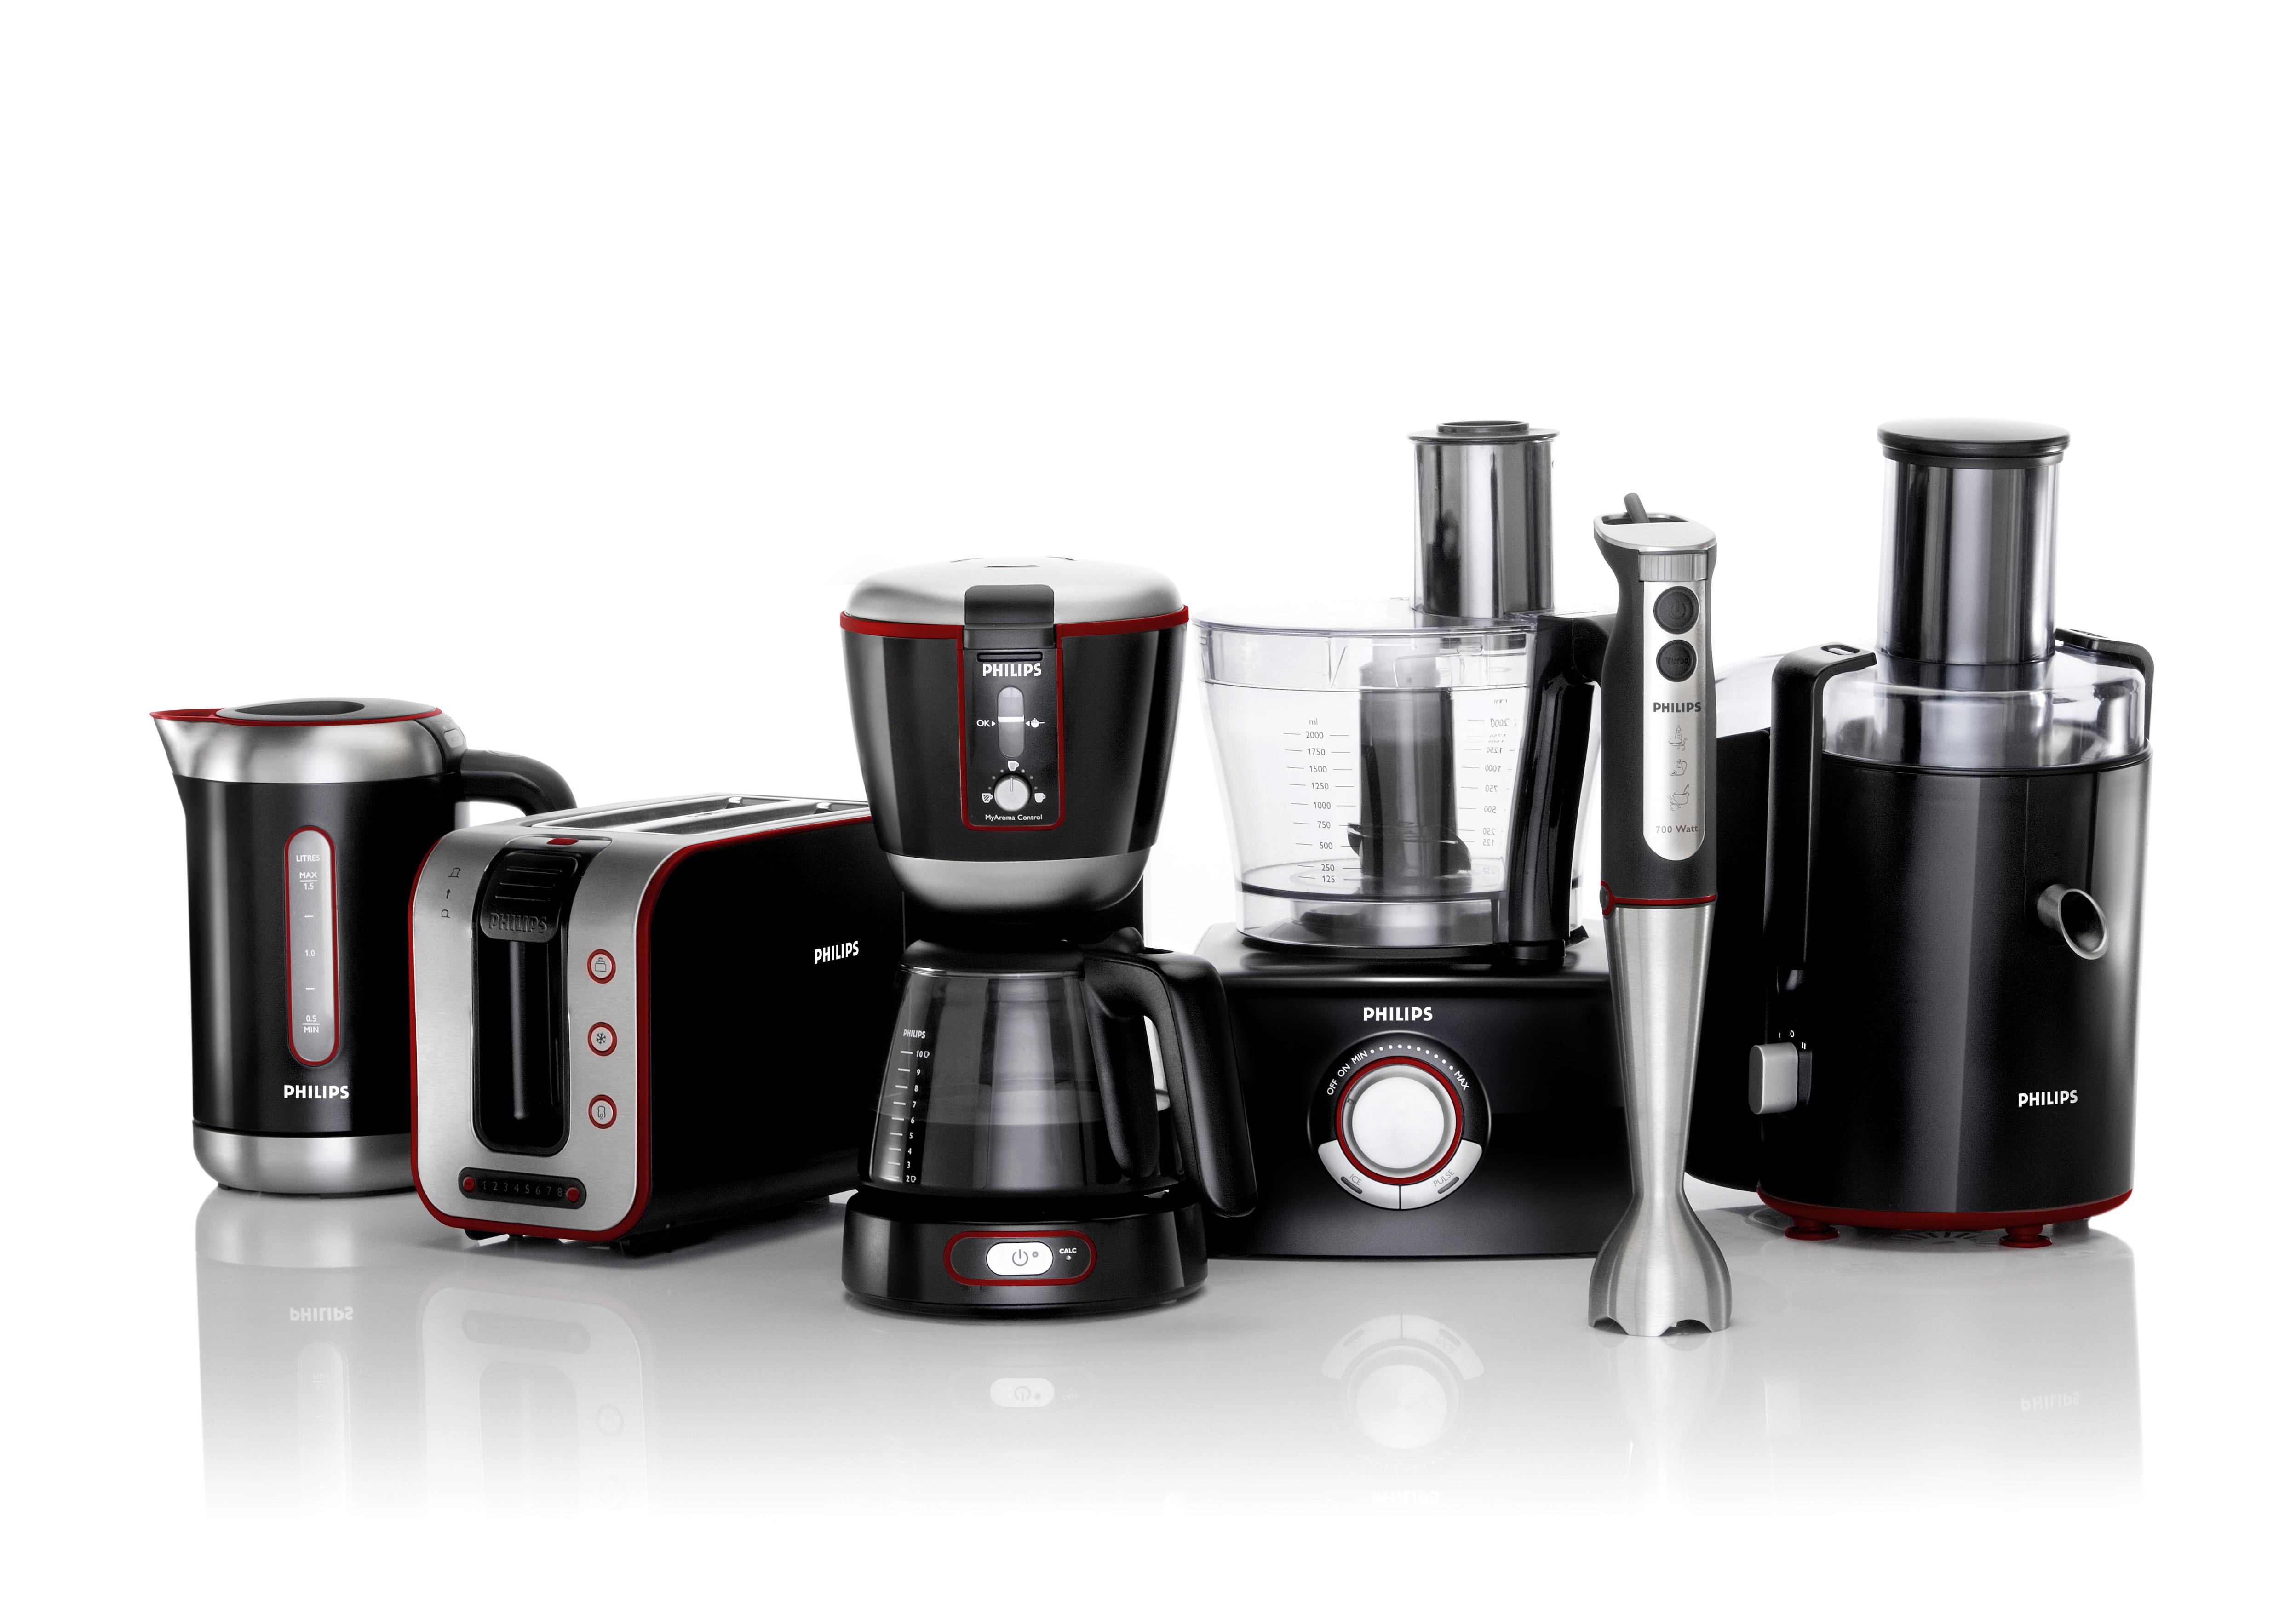 Philips lleva el dise o a la cocina - Electrodomesticos de diseno ...